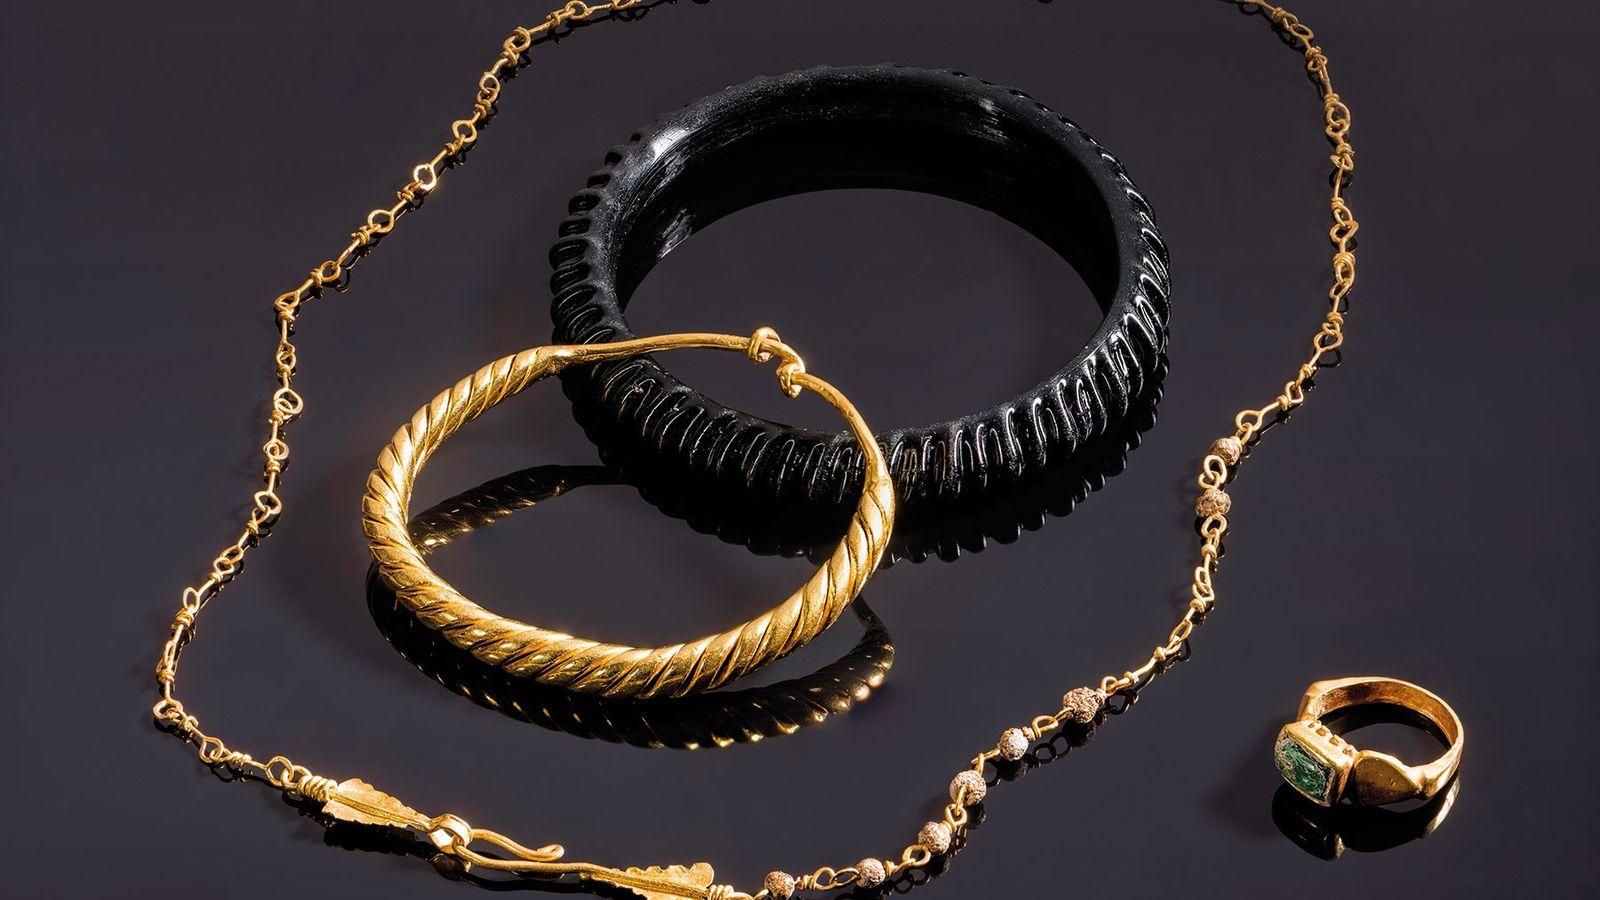 Im Sarkophag eines sechsjährigen Mädchens fanden Archäologen zwei Armreife, einen aus massivem Gold und einen aus ...